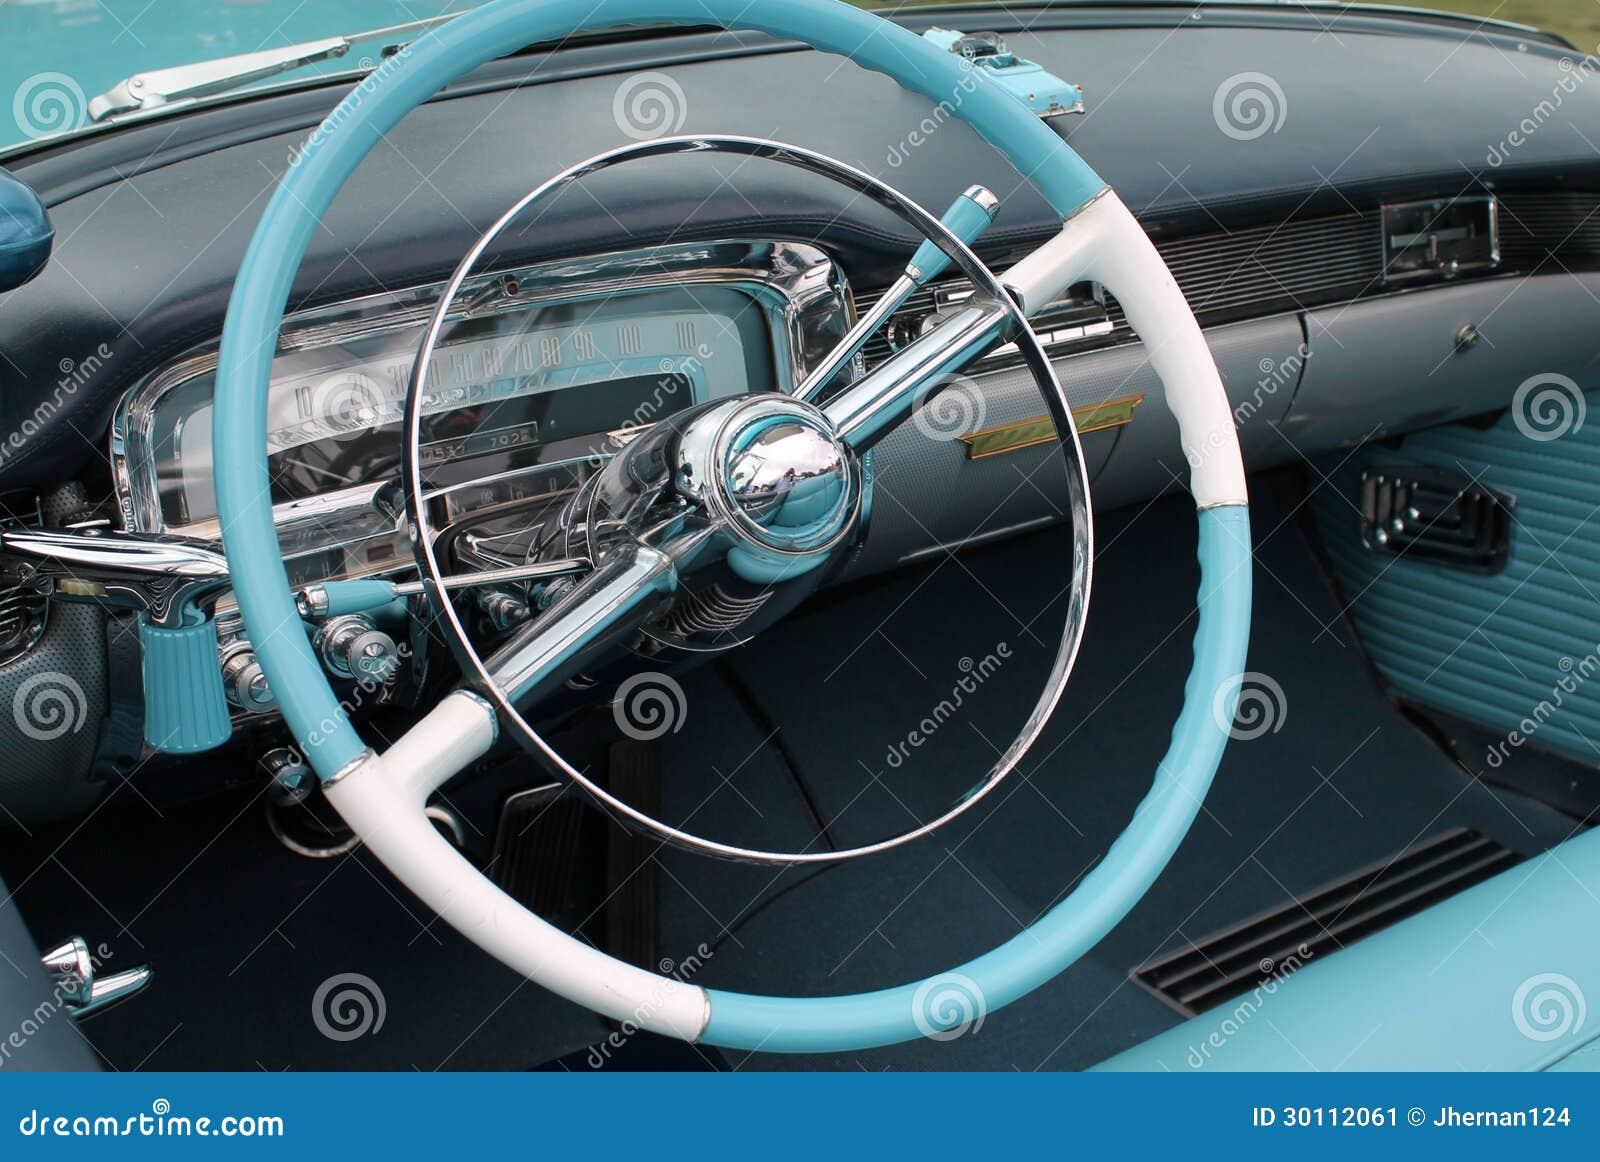 Int rieur classique am ricain de voiture image stock for Interieur de voiture